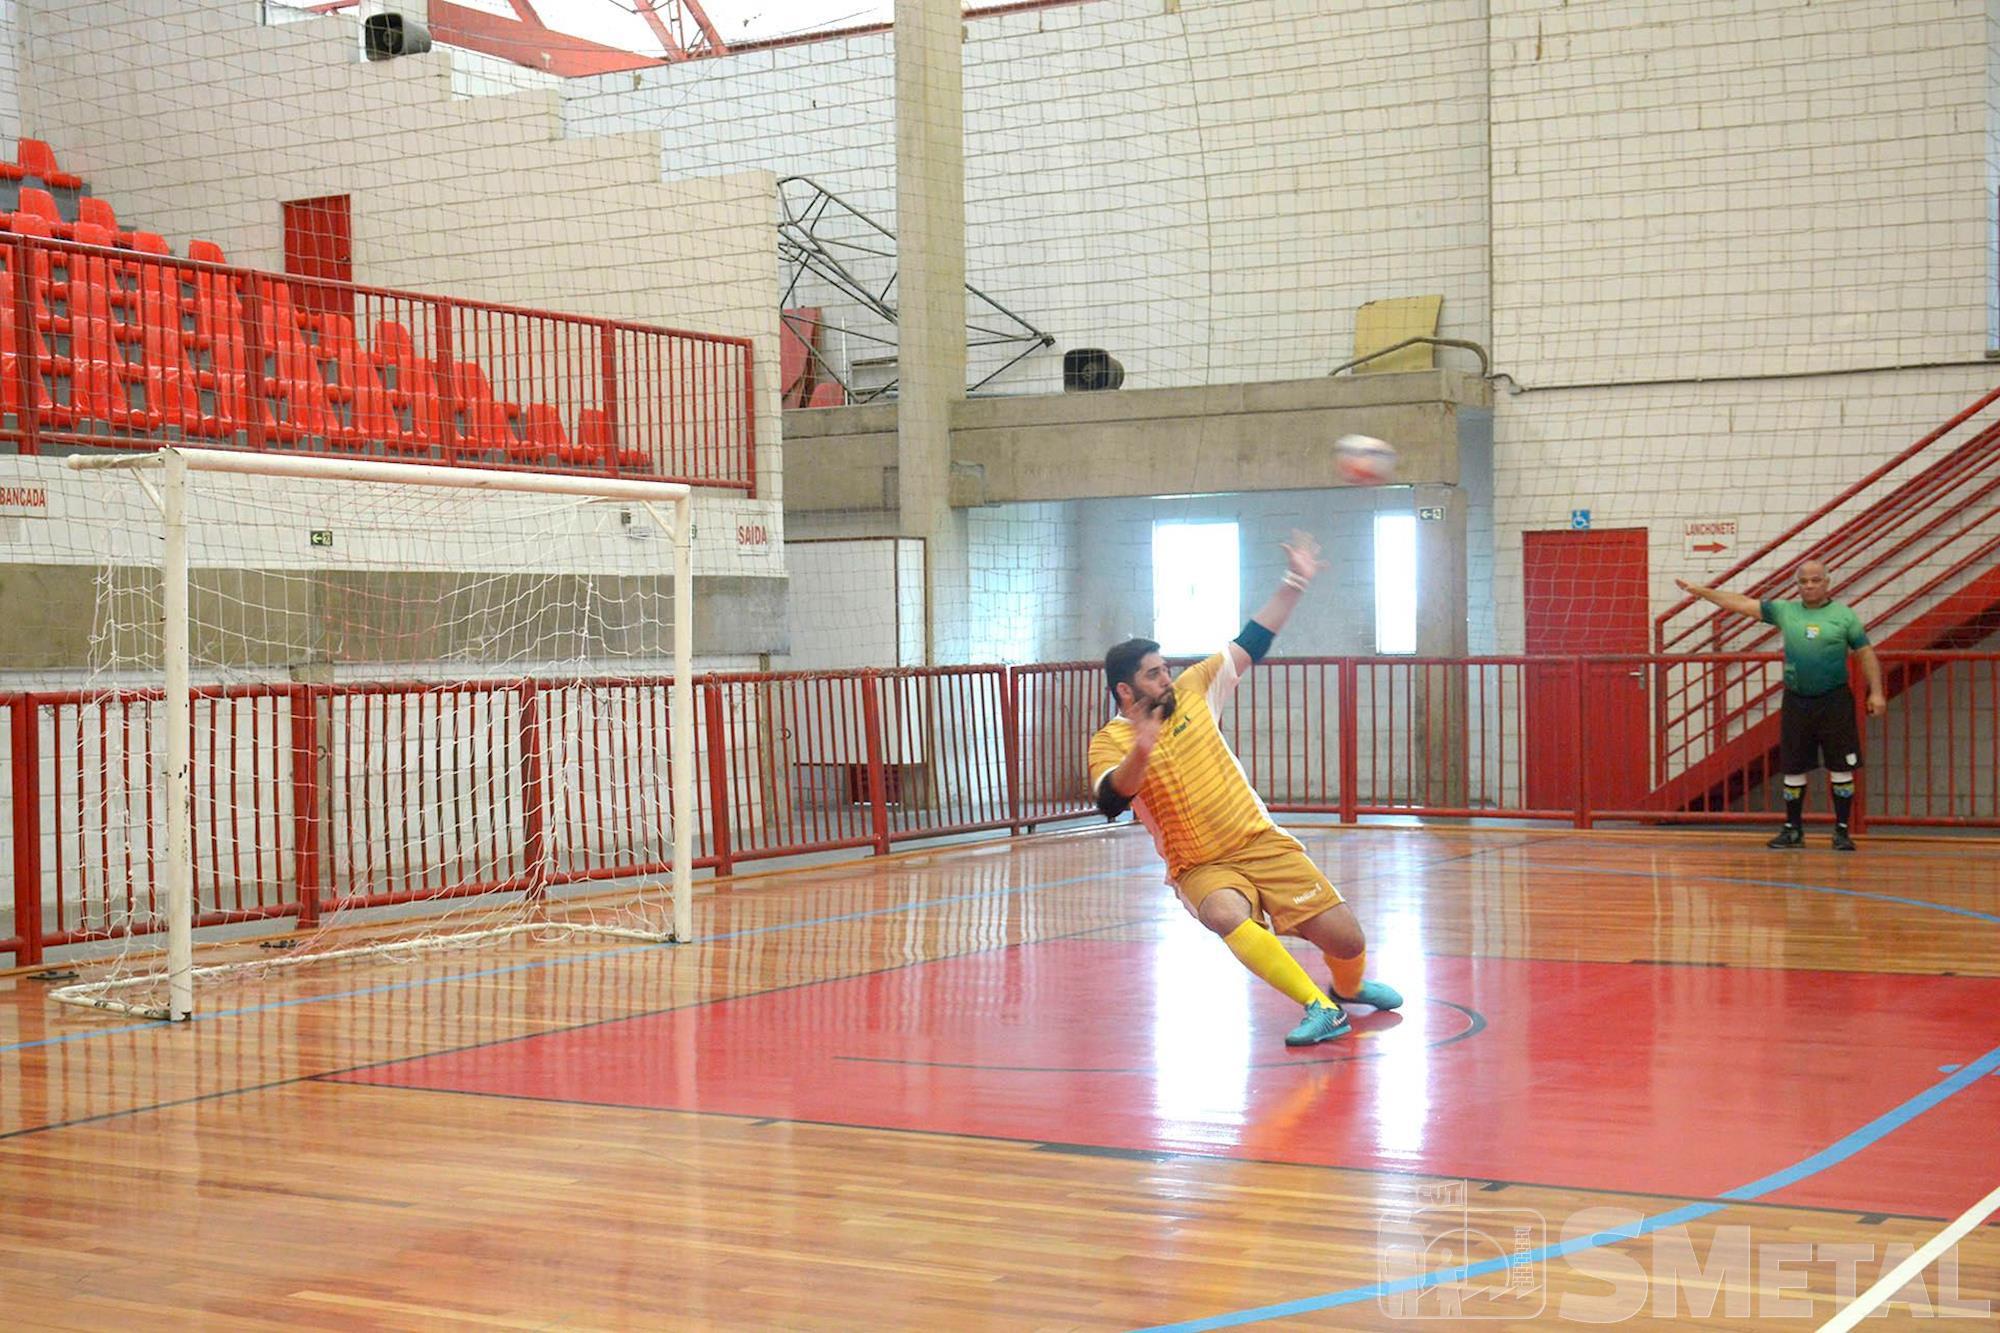 Jogos da semifinal da 14ª Taça Papagaio de Futsal do SMetal, semifinal,  taça,  papagaio,  futsal,  jogo,  torneio,  smetal, Foguinho/Imprensa SMetal, Clarios e DPR disputam o título de campeã da 14ª Taça Papagaio